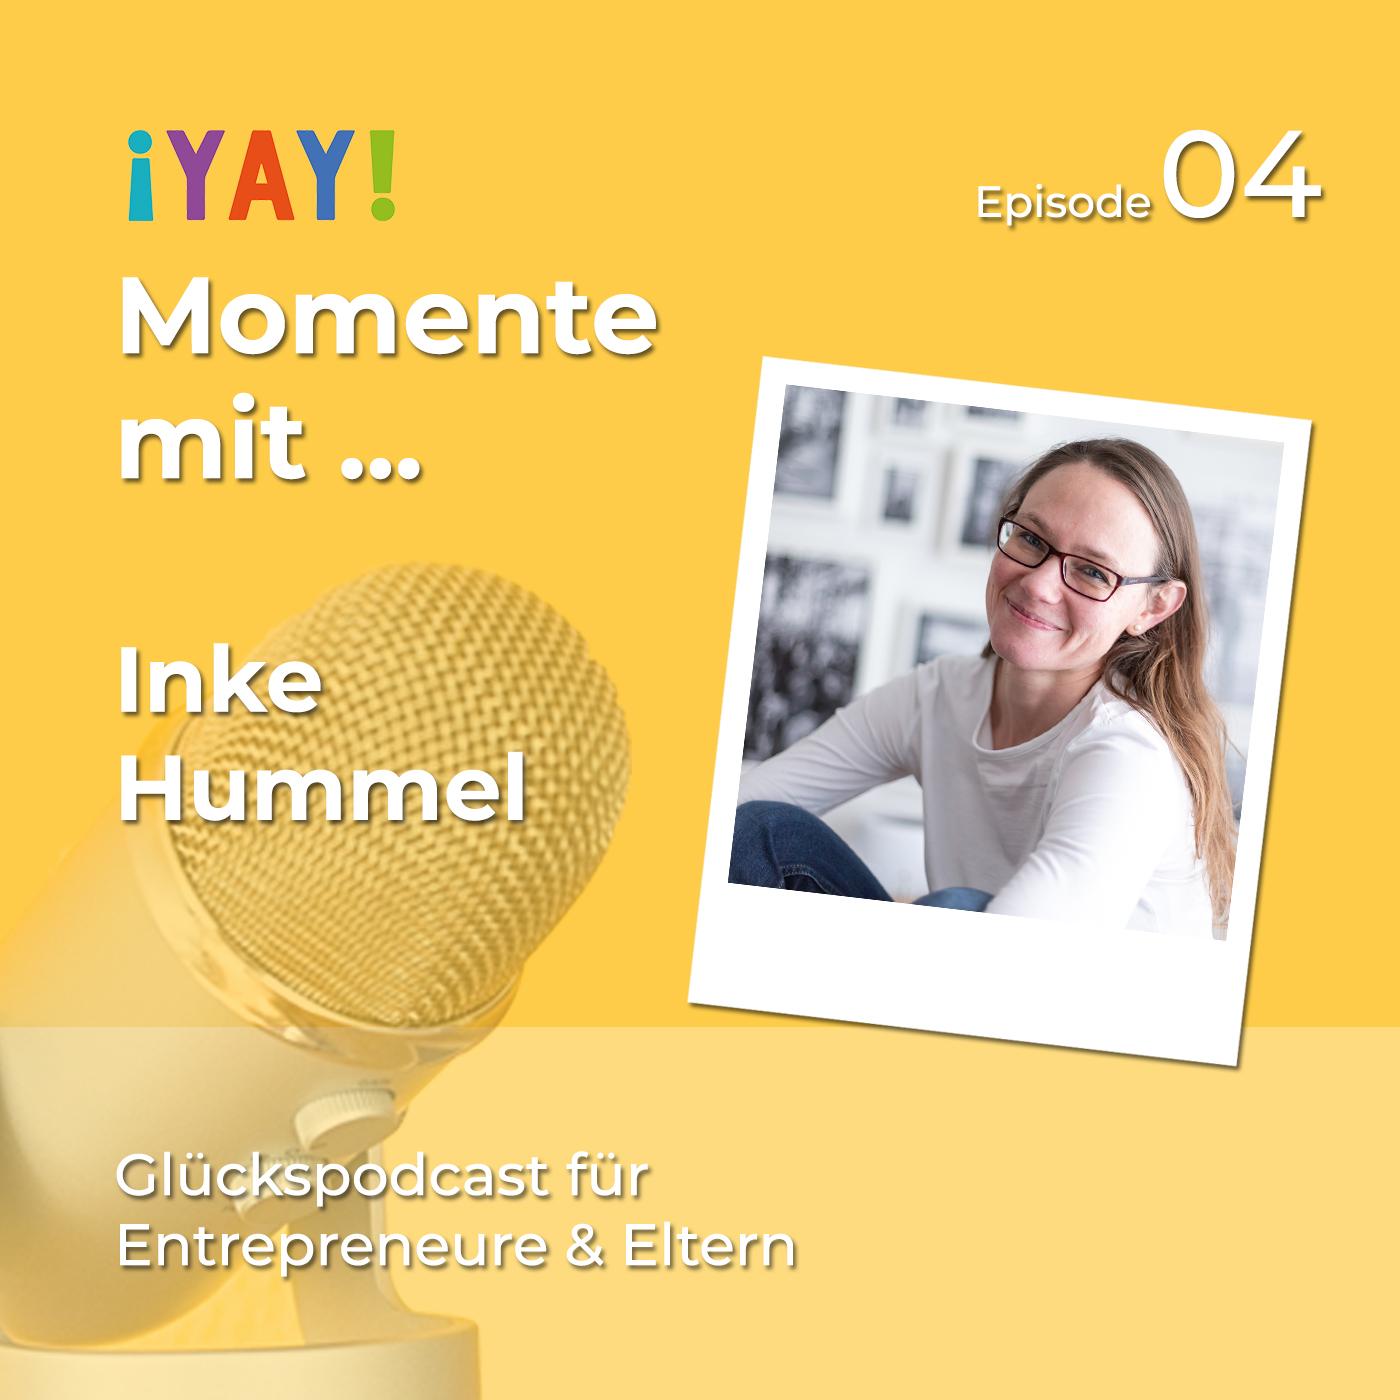 Episode 04: Yay-Momente mit... Inke Hummel